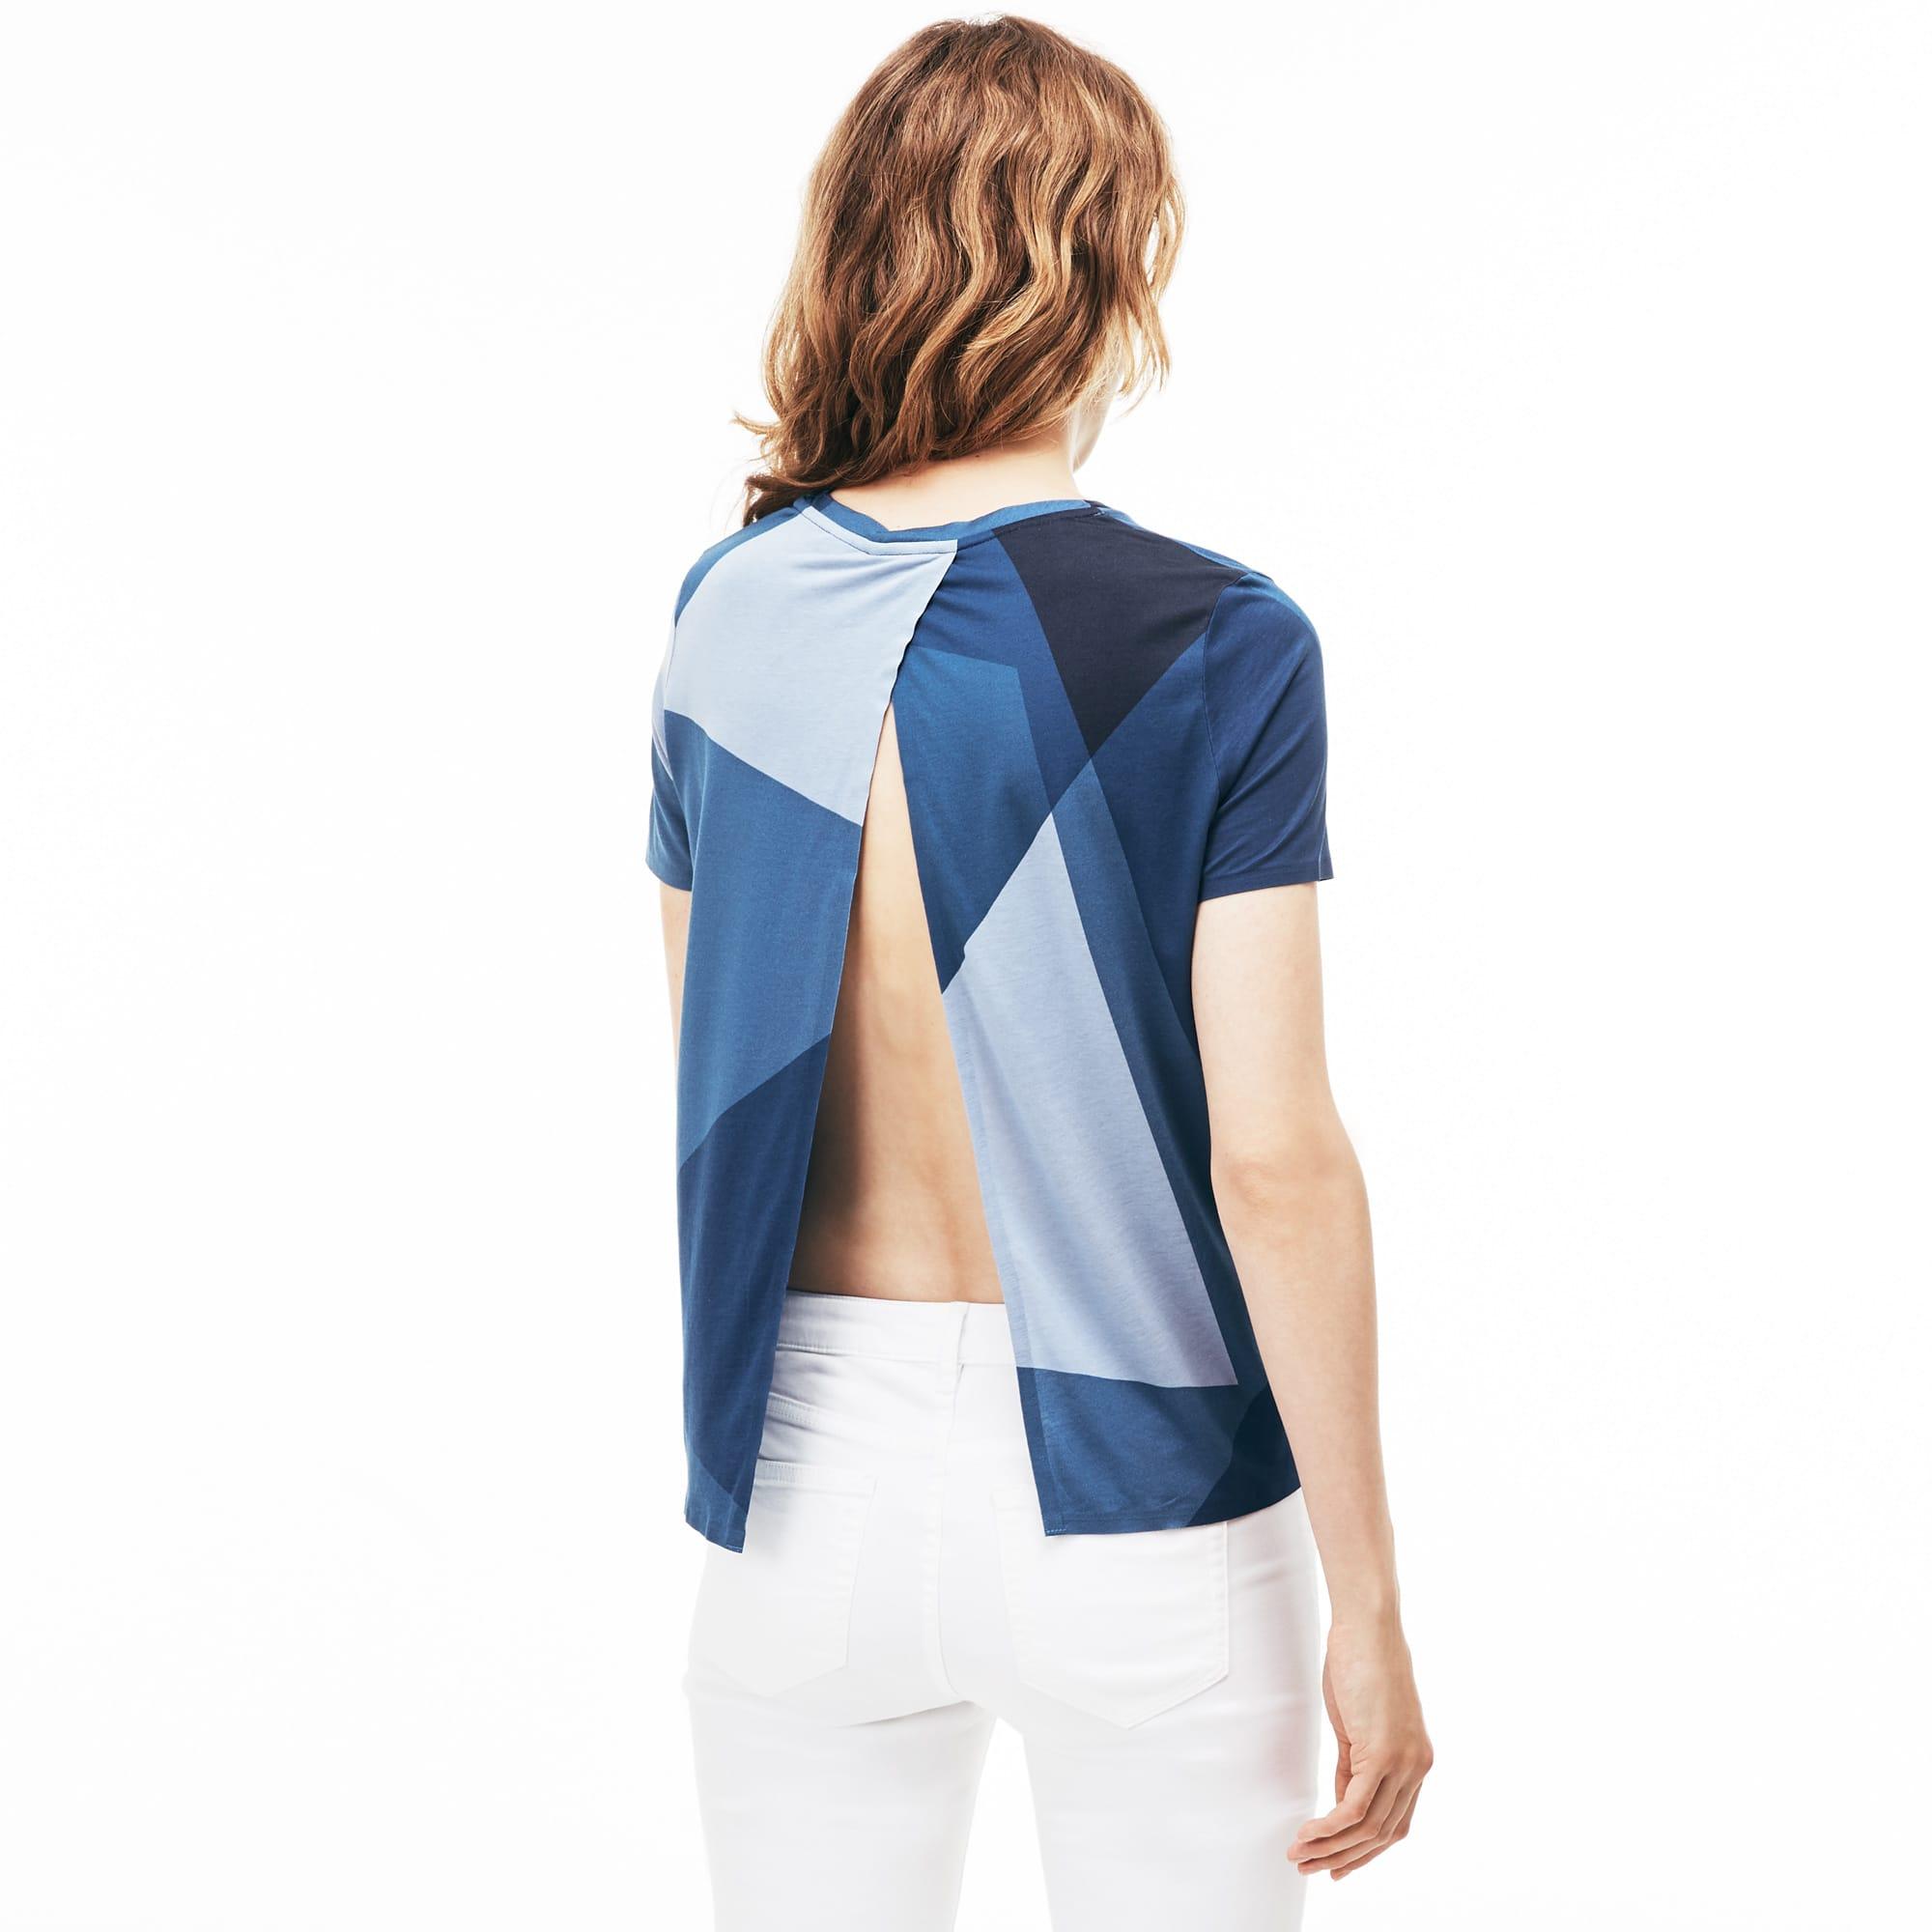 Camiseta con cuello redondo de punto jersey estampado con espalda abierta